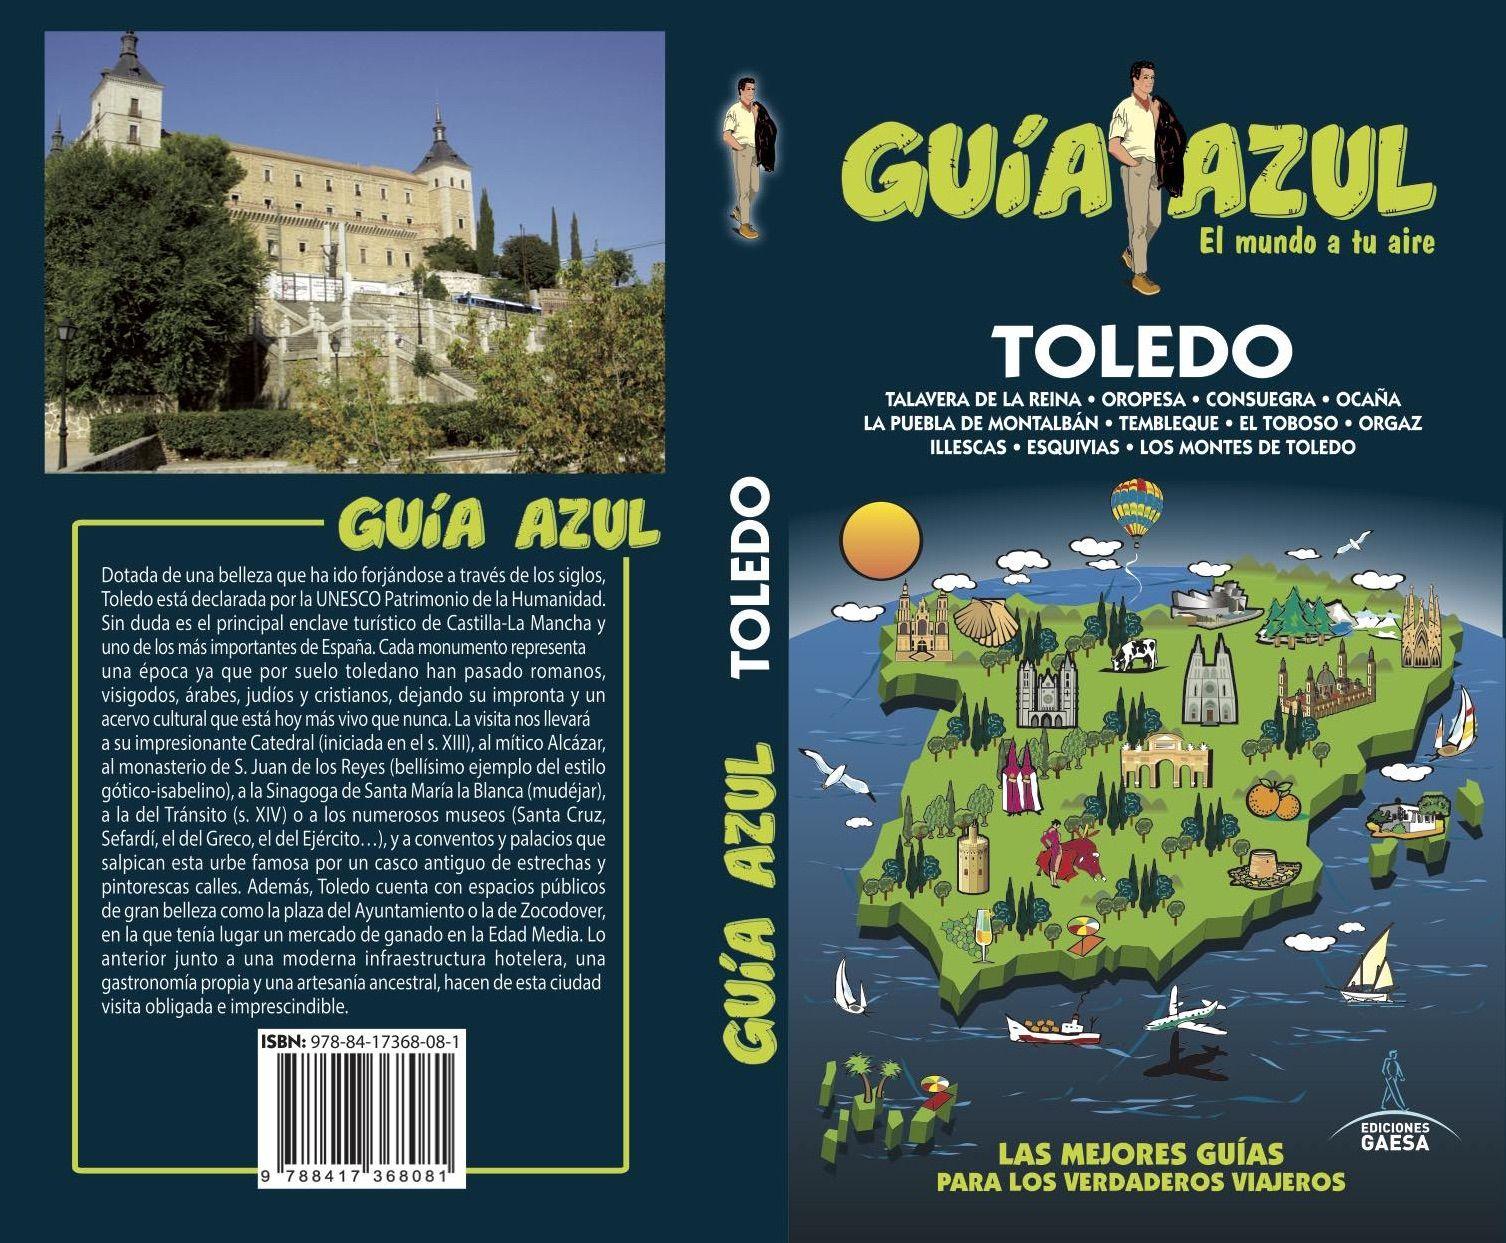 TOLEDO GUIA AZUL